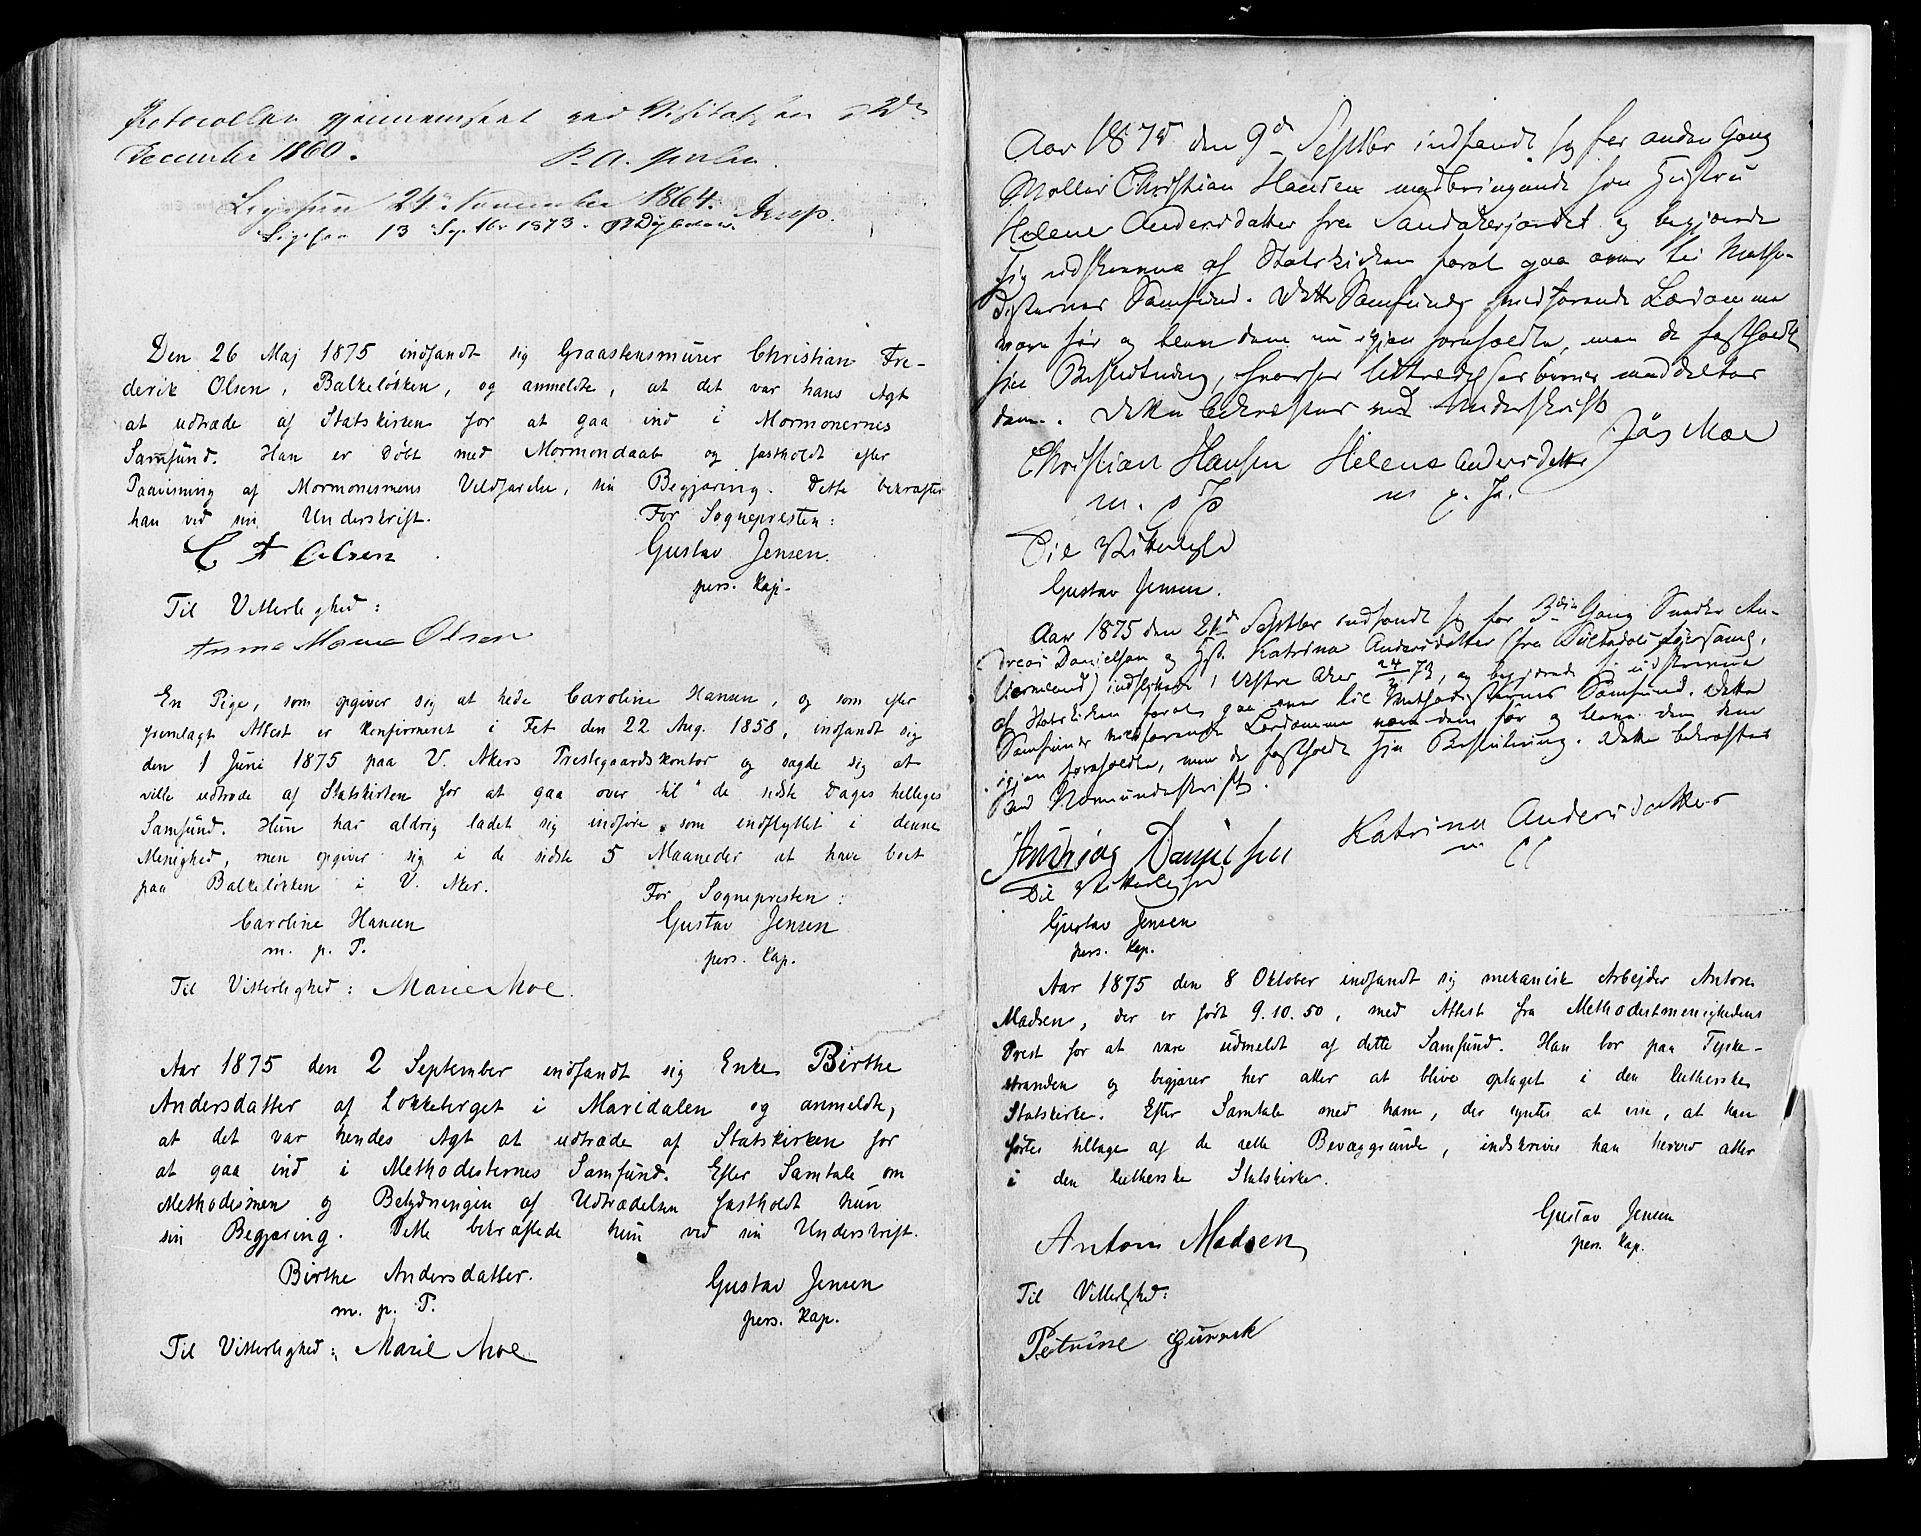 SAO, Vestre Aker prestekontor Kirkebøker, F/Fa/L0005: Ministerialbok nr. 5, 1859-1877